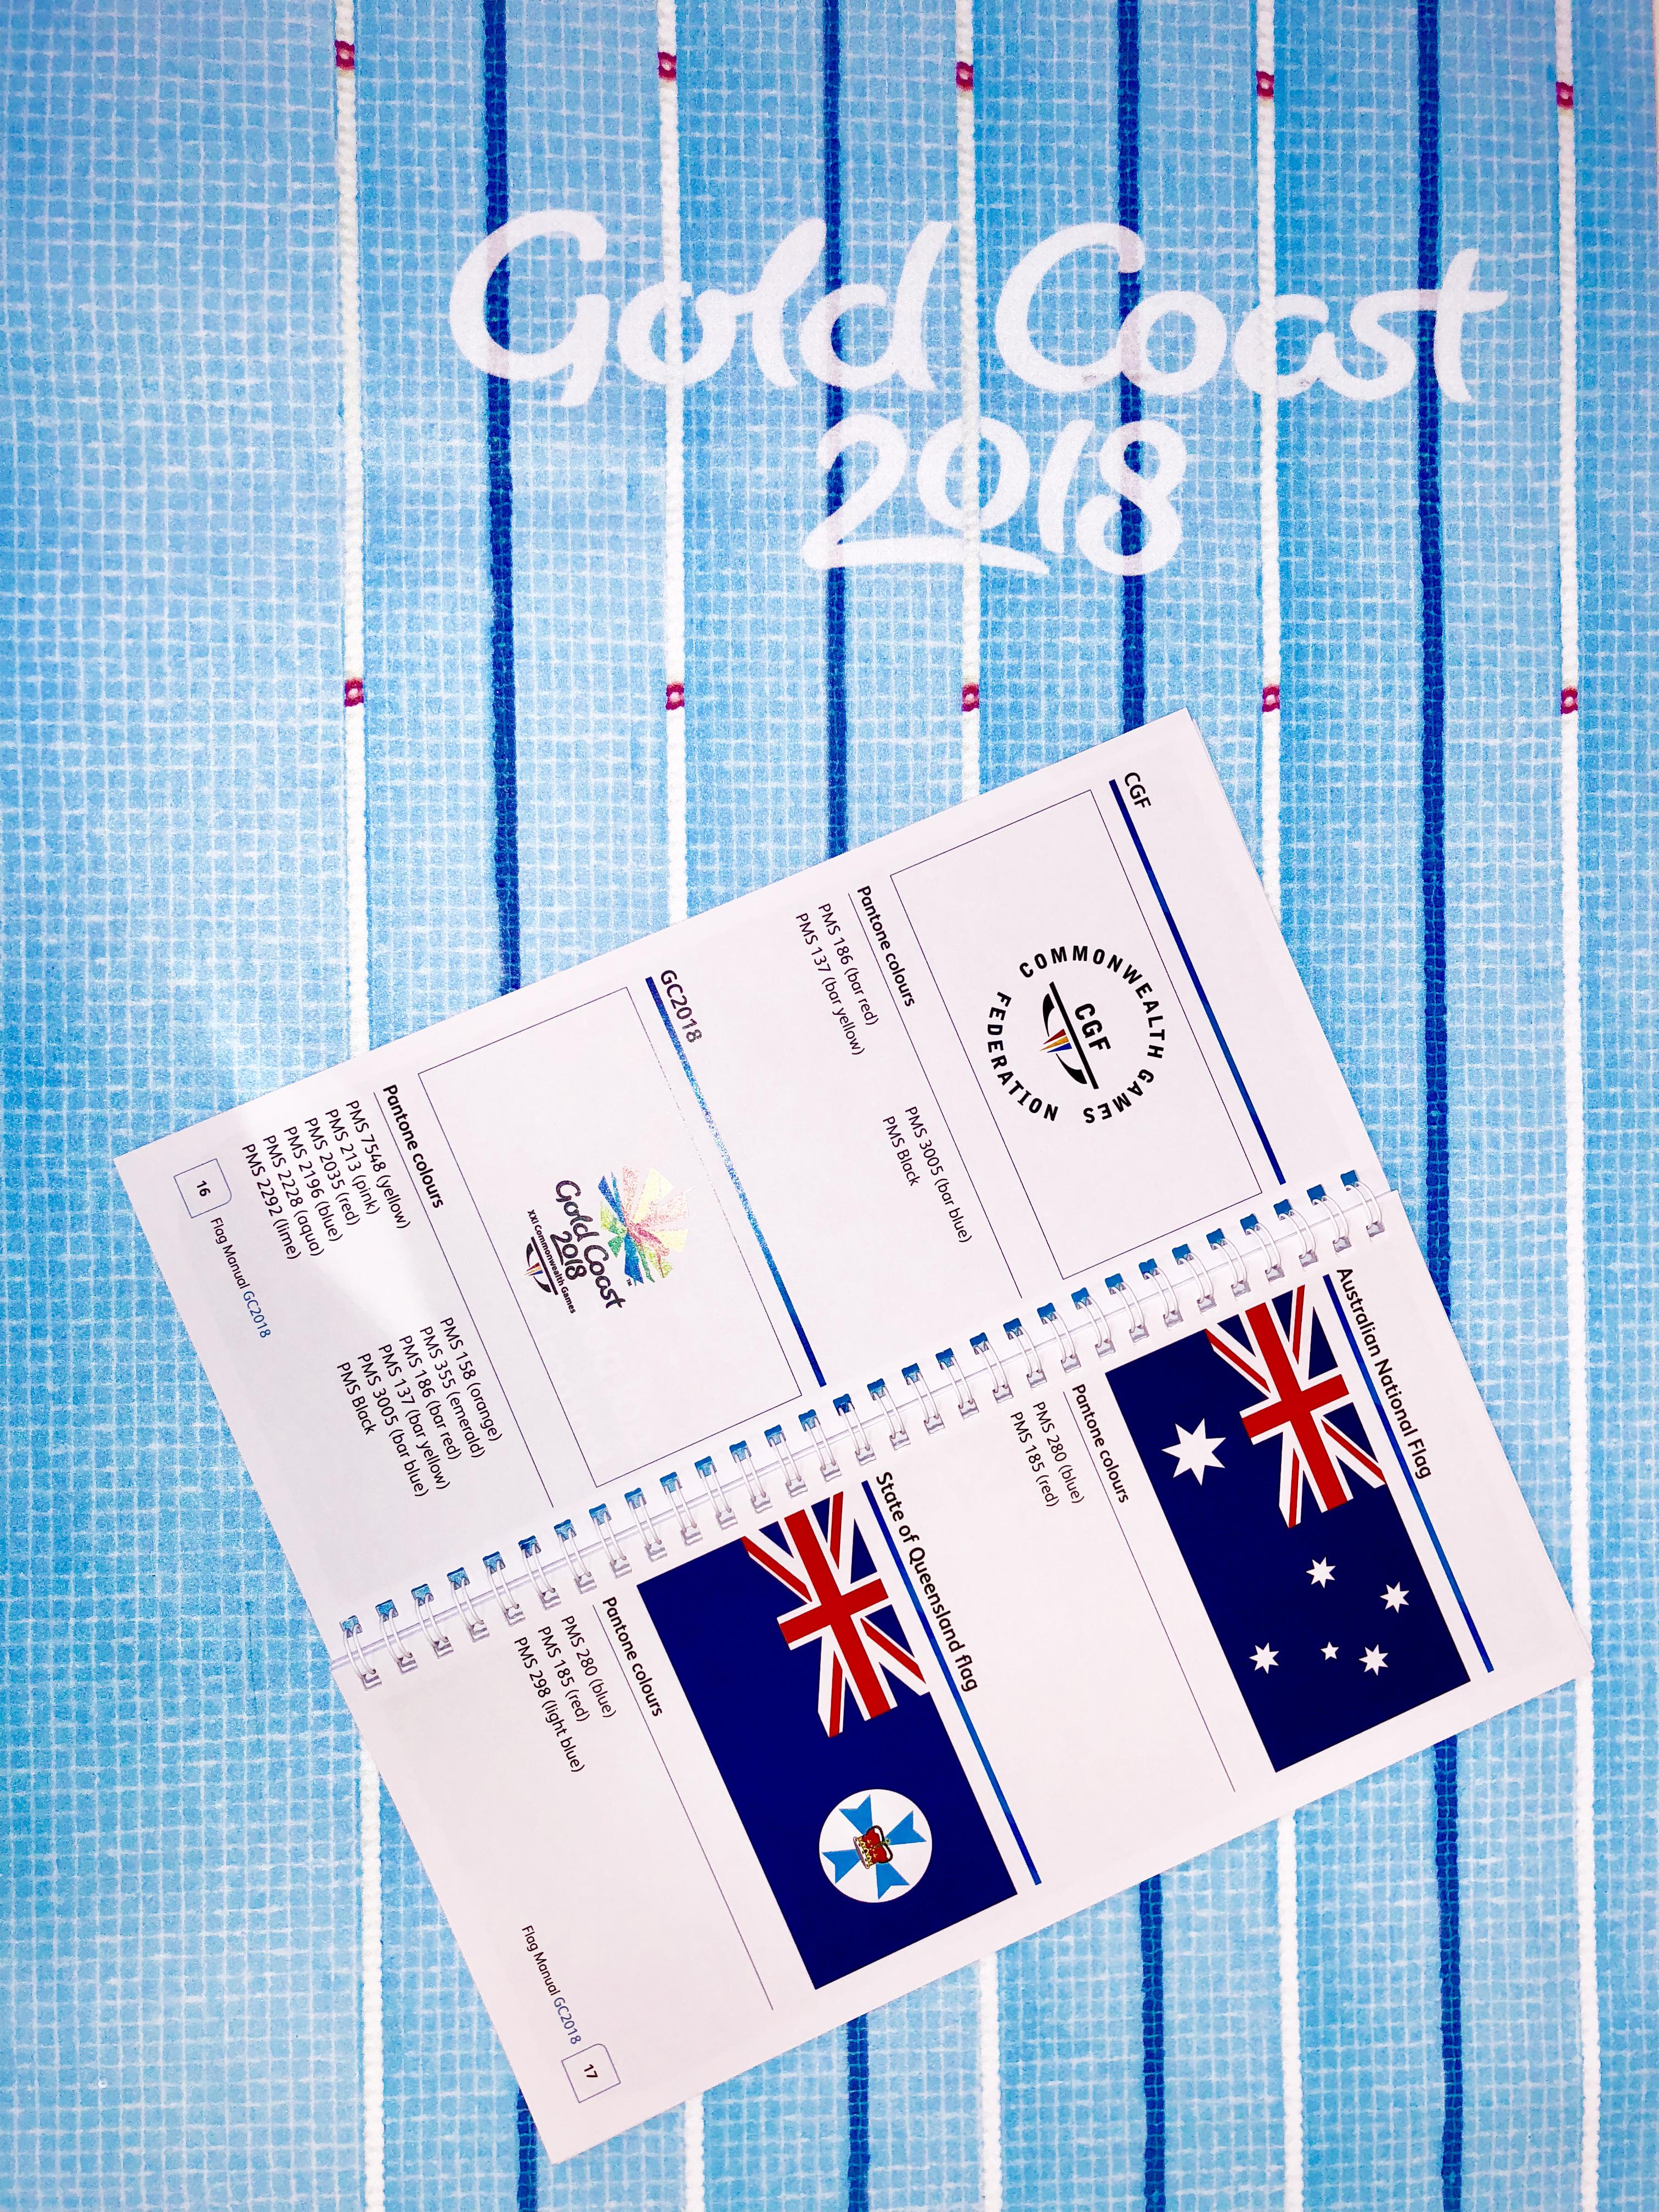 Flag manual inside